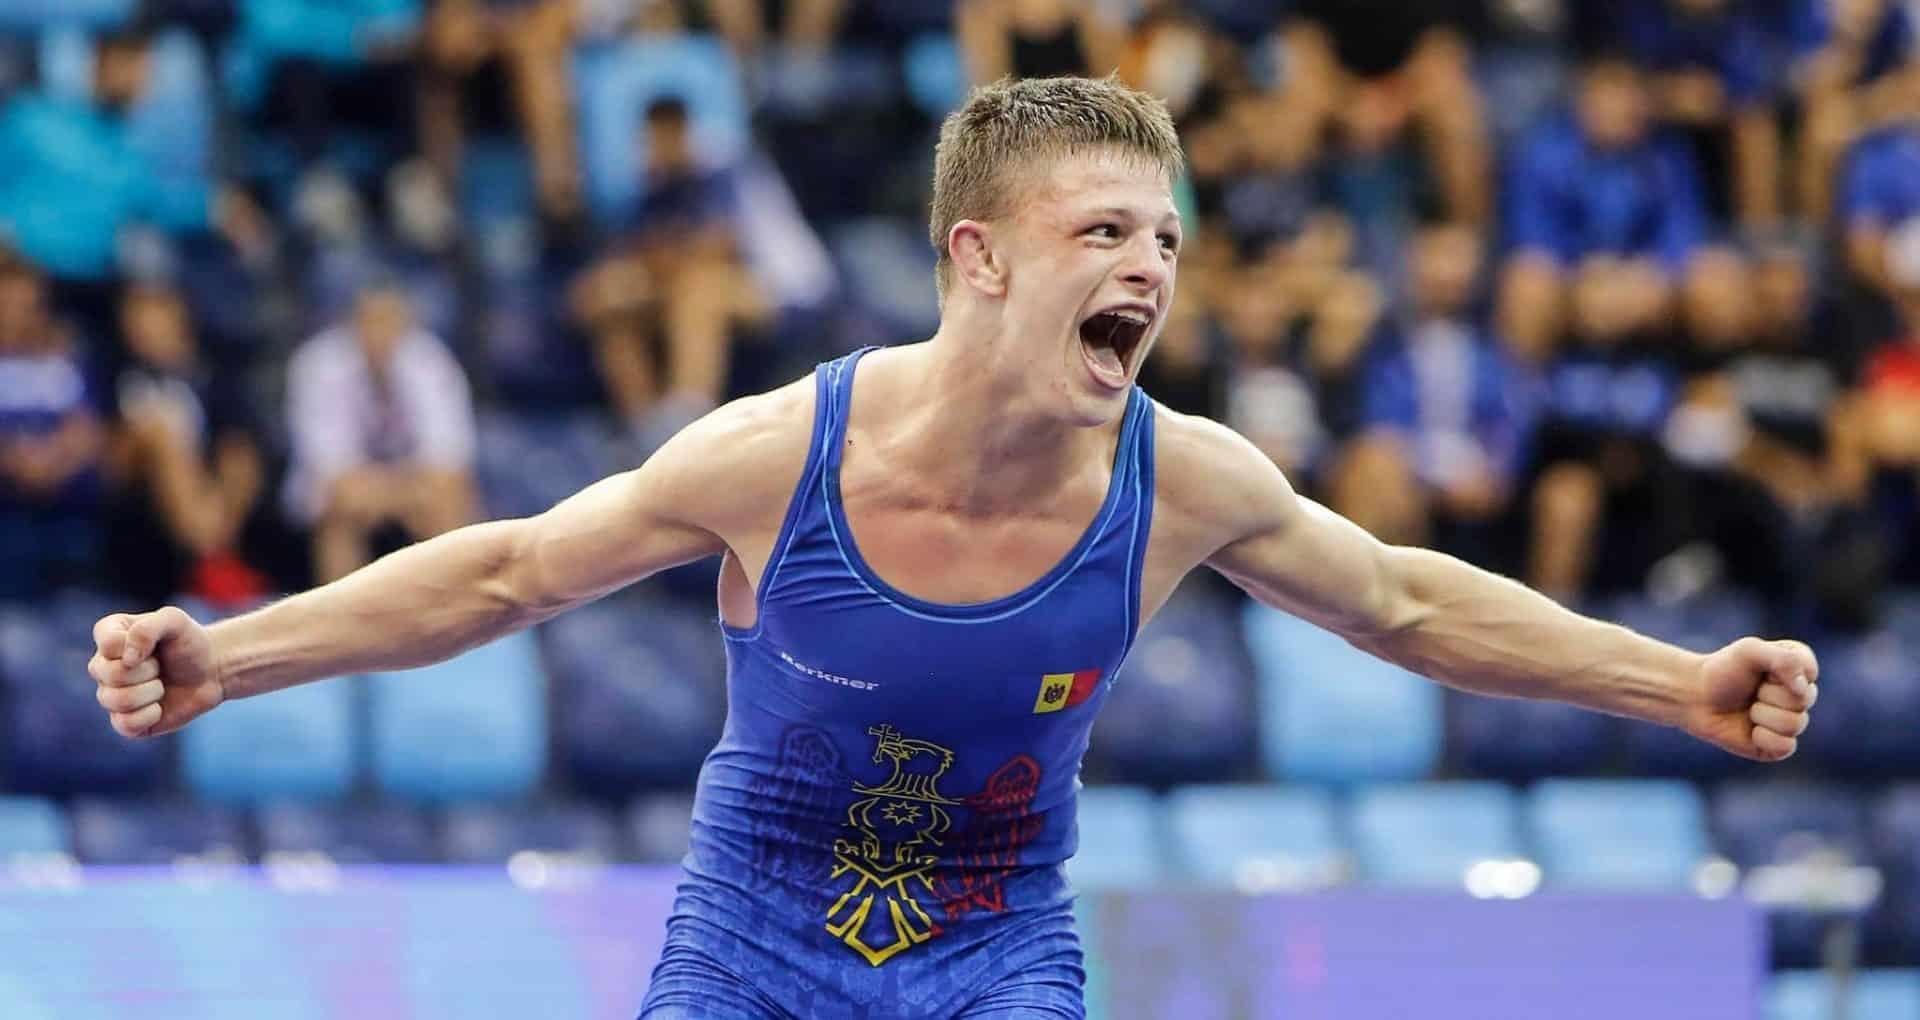 Un sportiv din R. Moldova, campion mondial la lupte greco-romane printre cadeți